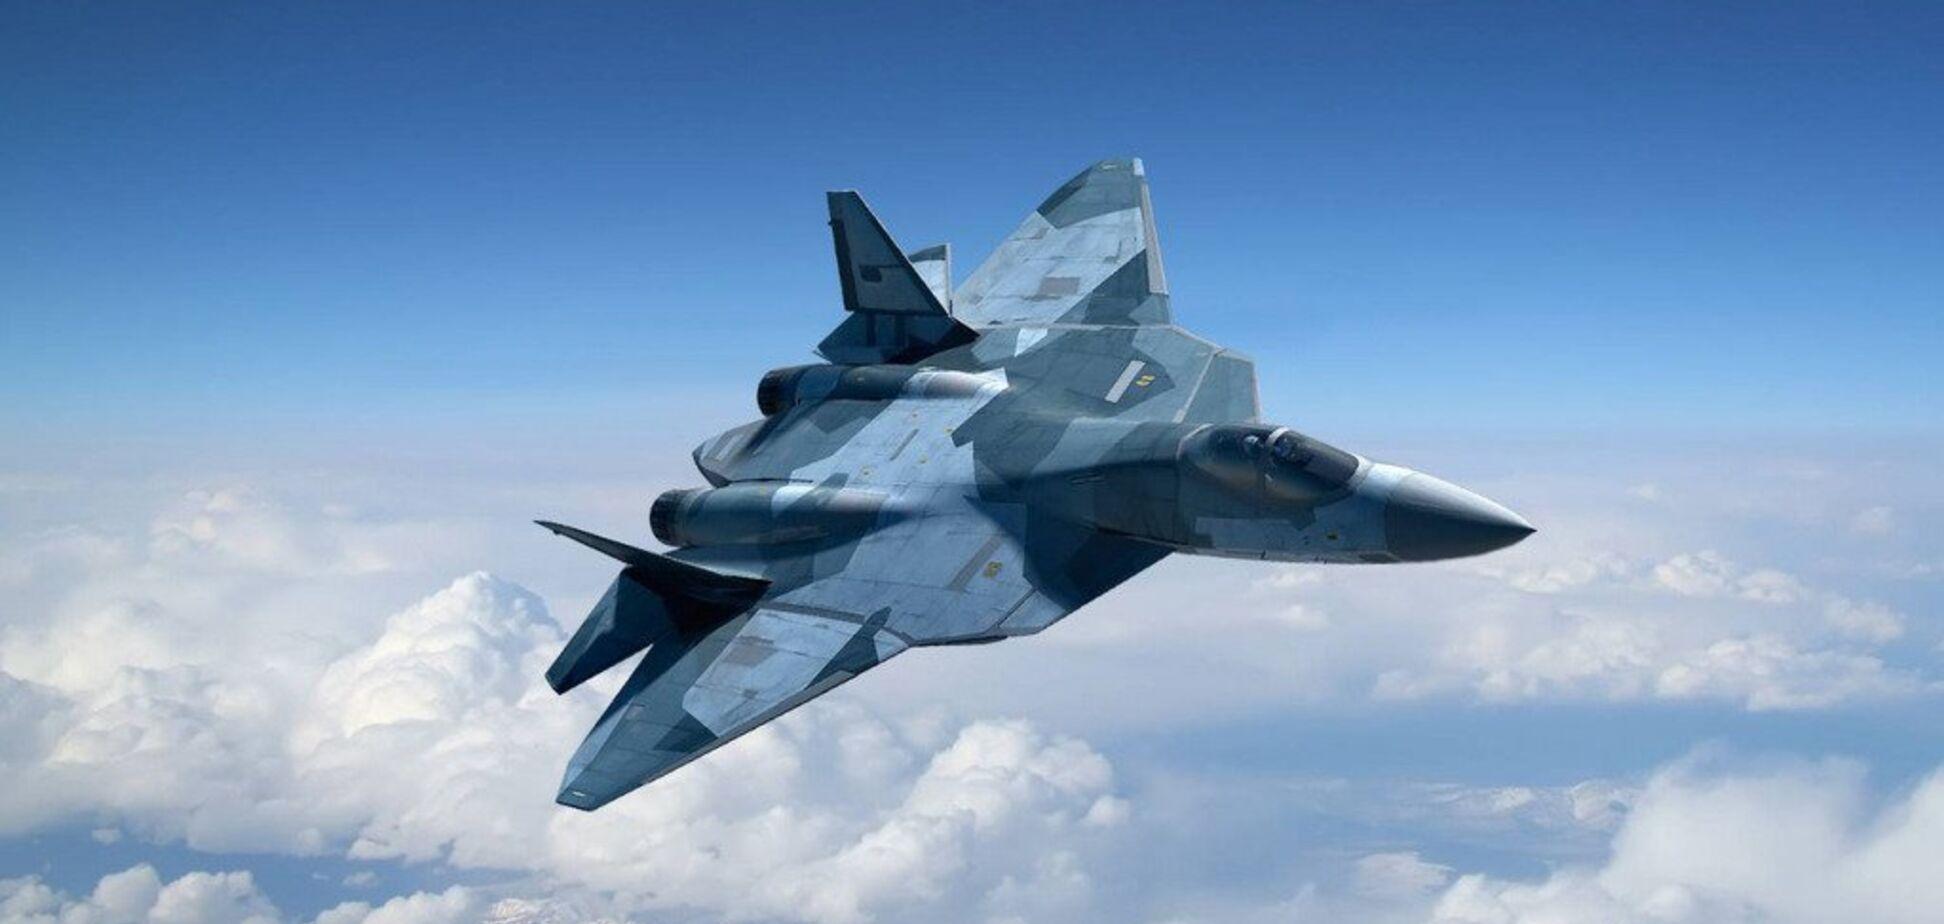 Кремль ударит авиацией? Открываем глаза и смотрим